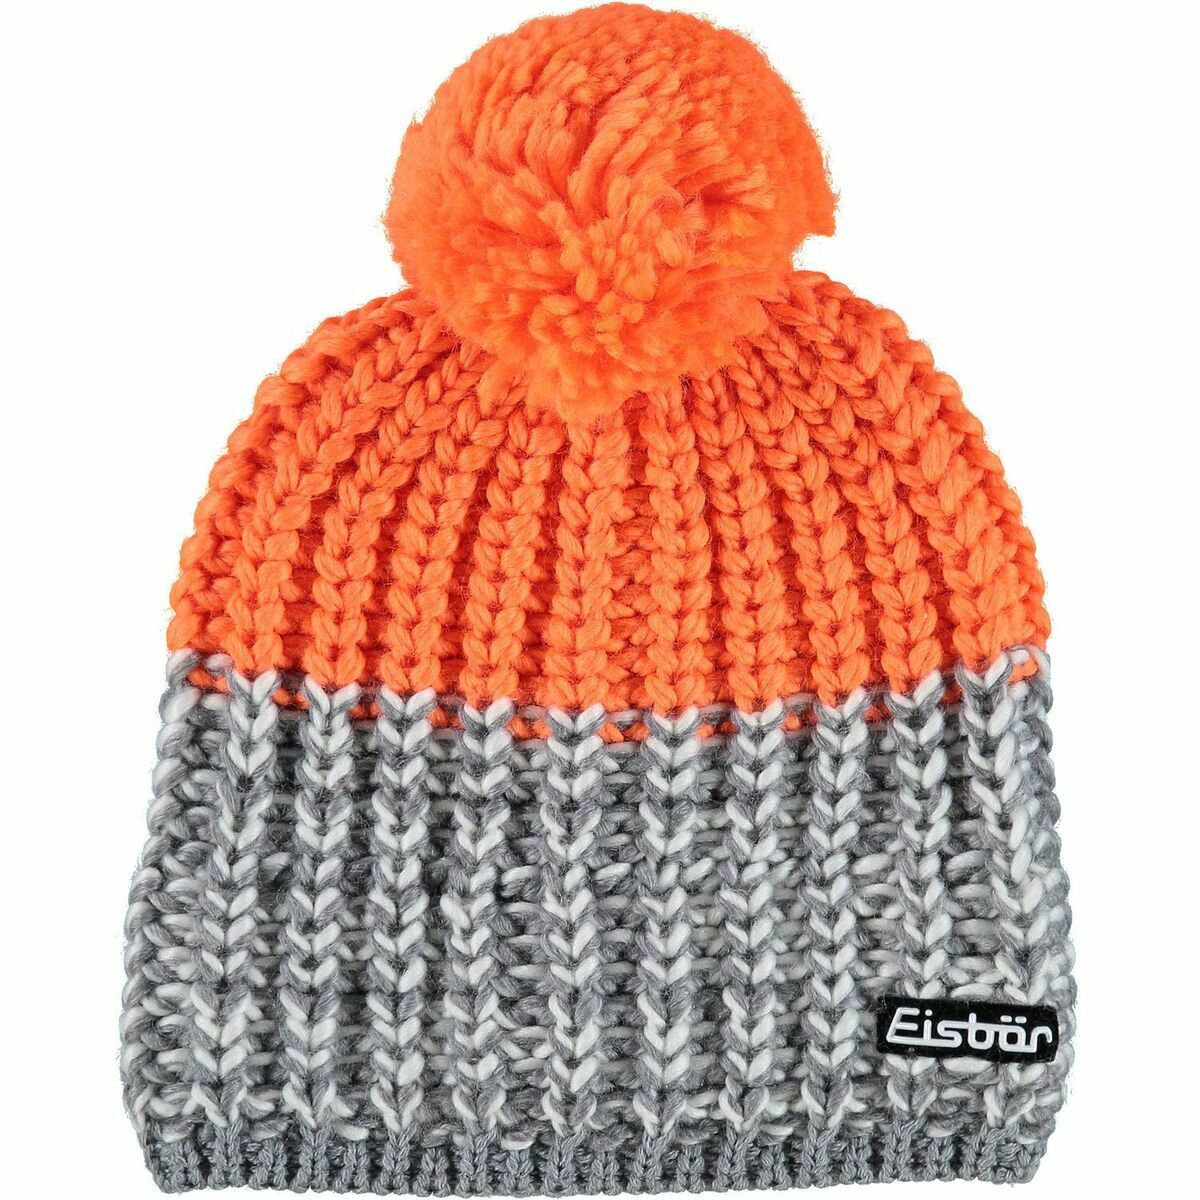 EISBAR Focus Pompon Ski Winter Beanie Hat Merino Wool - Grey orange - Adult Size